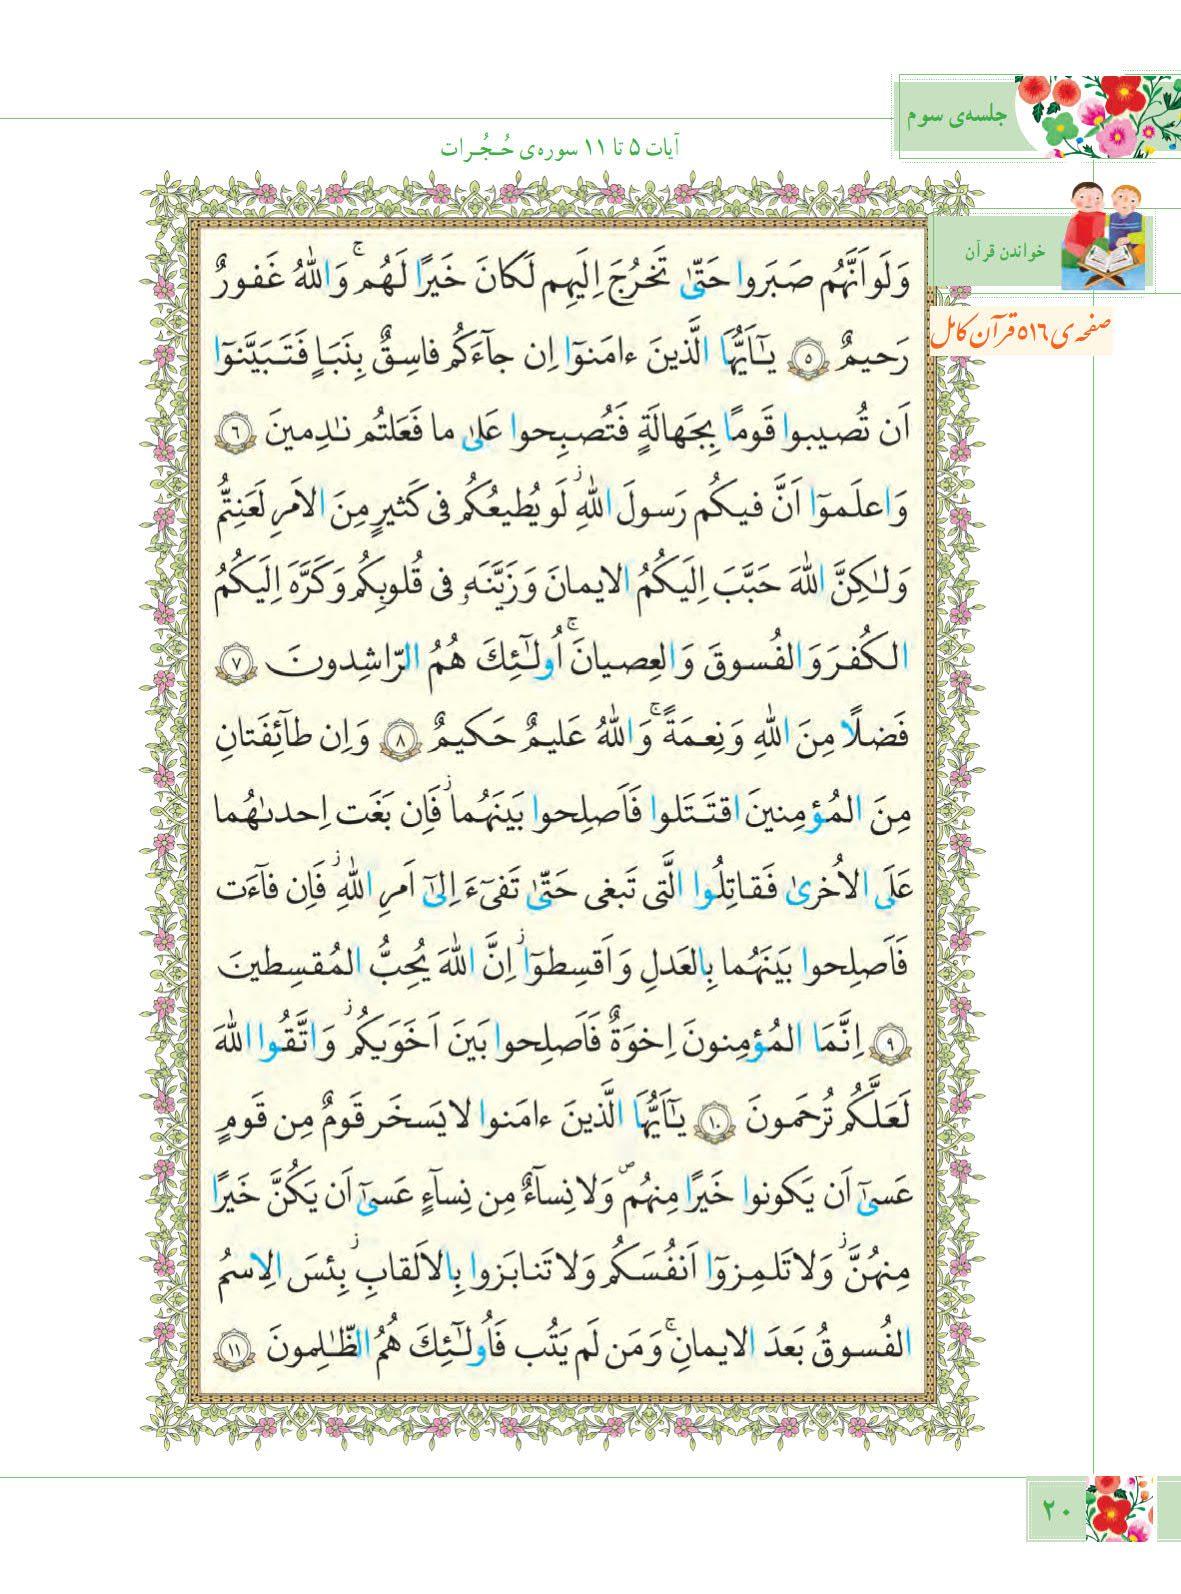 درس سوم آموزش قرآن پایه ششم ابتدایی - کلاس اینترنتی ما - مومکا - صفحه 20 - momeka.ir (1)